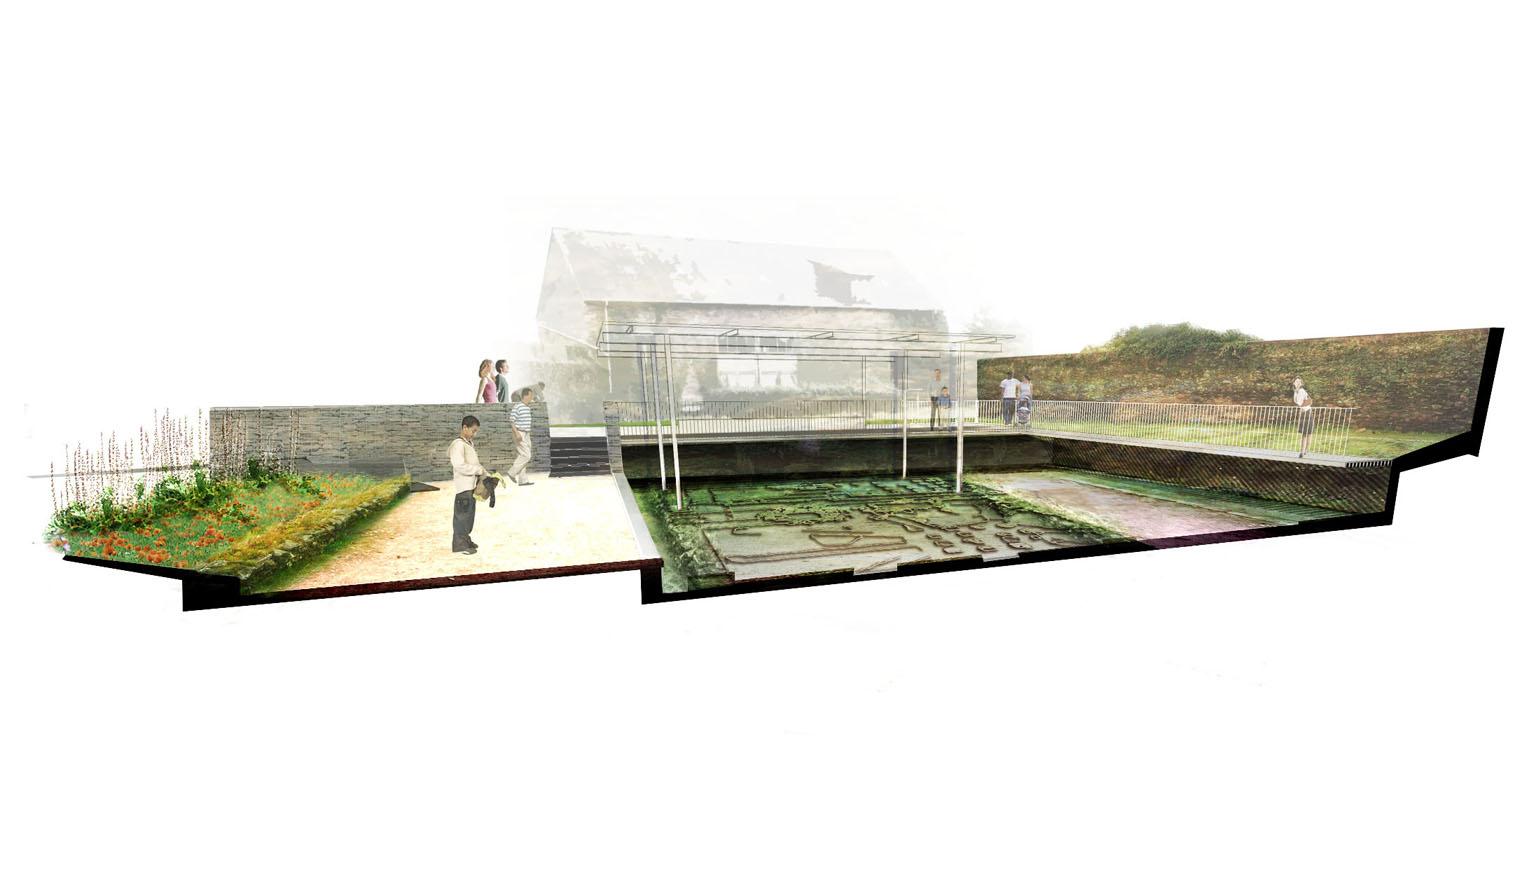 la plage architecture et paysage parc arch ologique. Black Bedroom Furniture Sets. Home Design Ideas